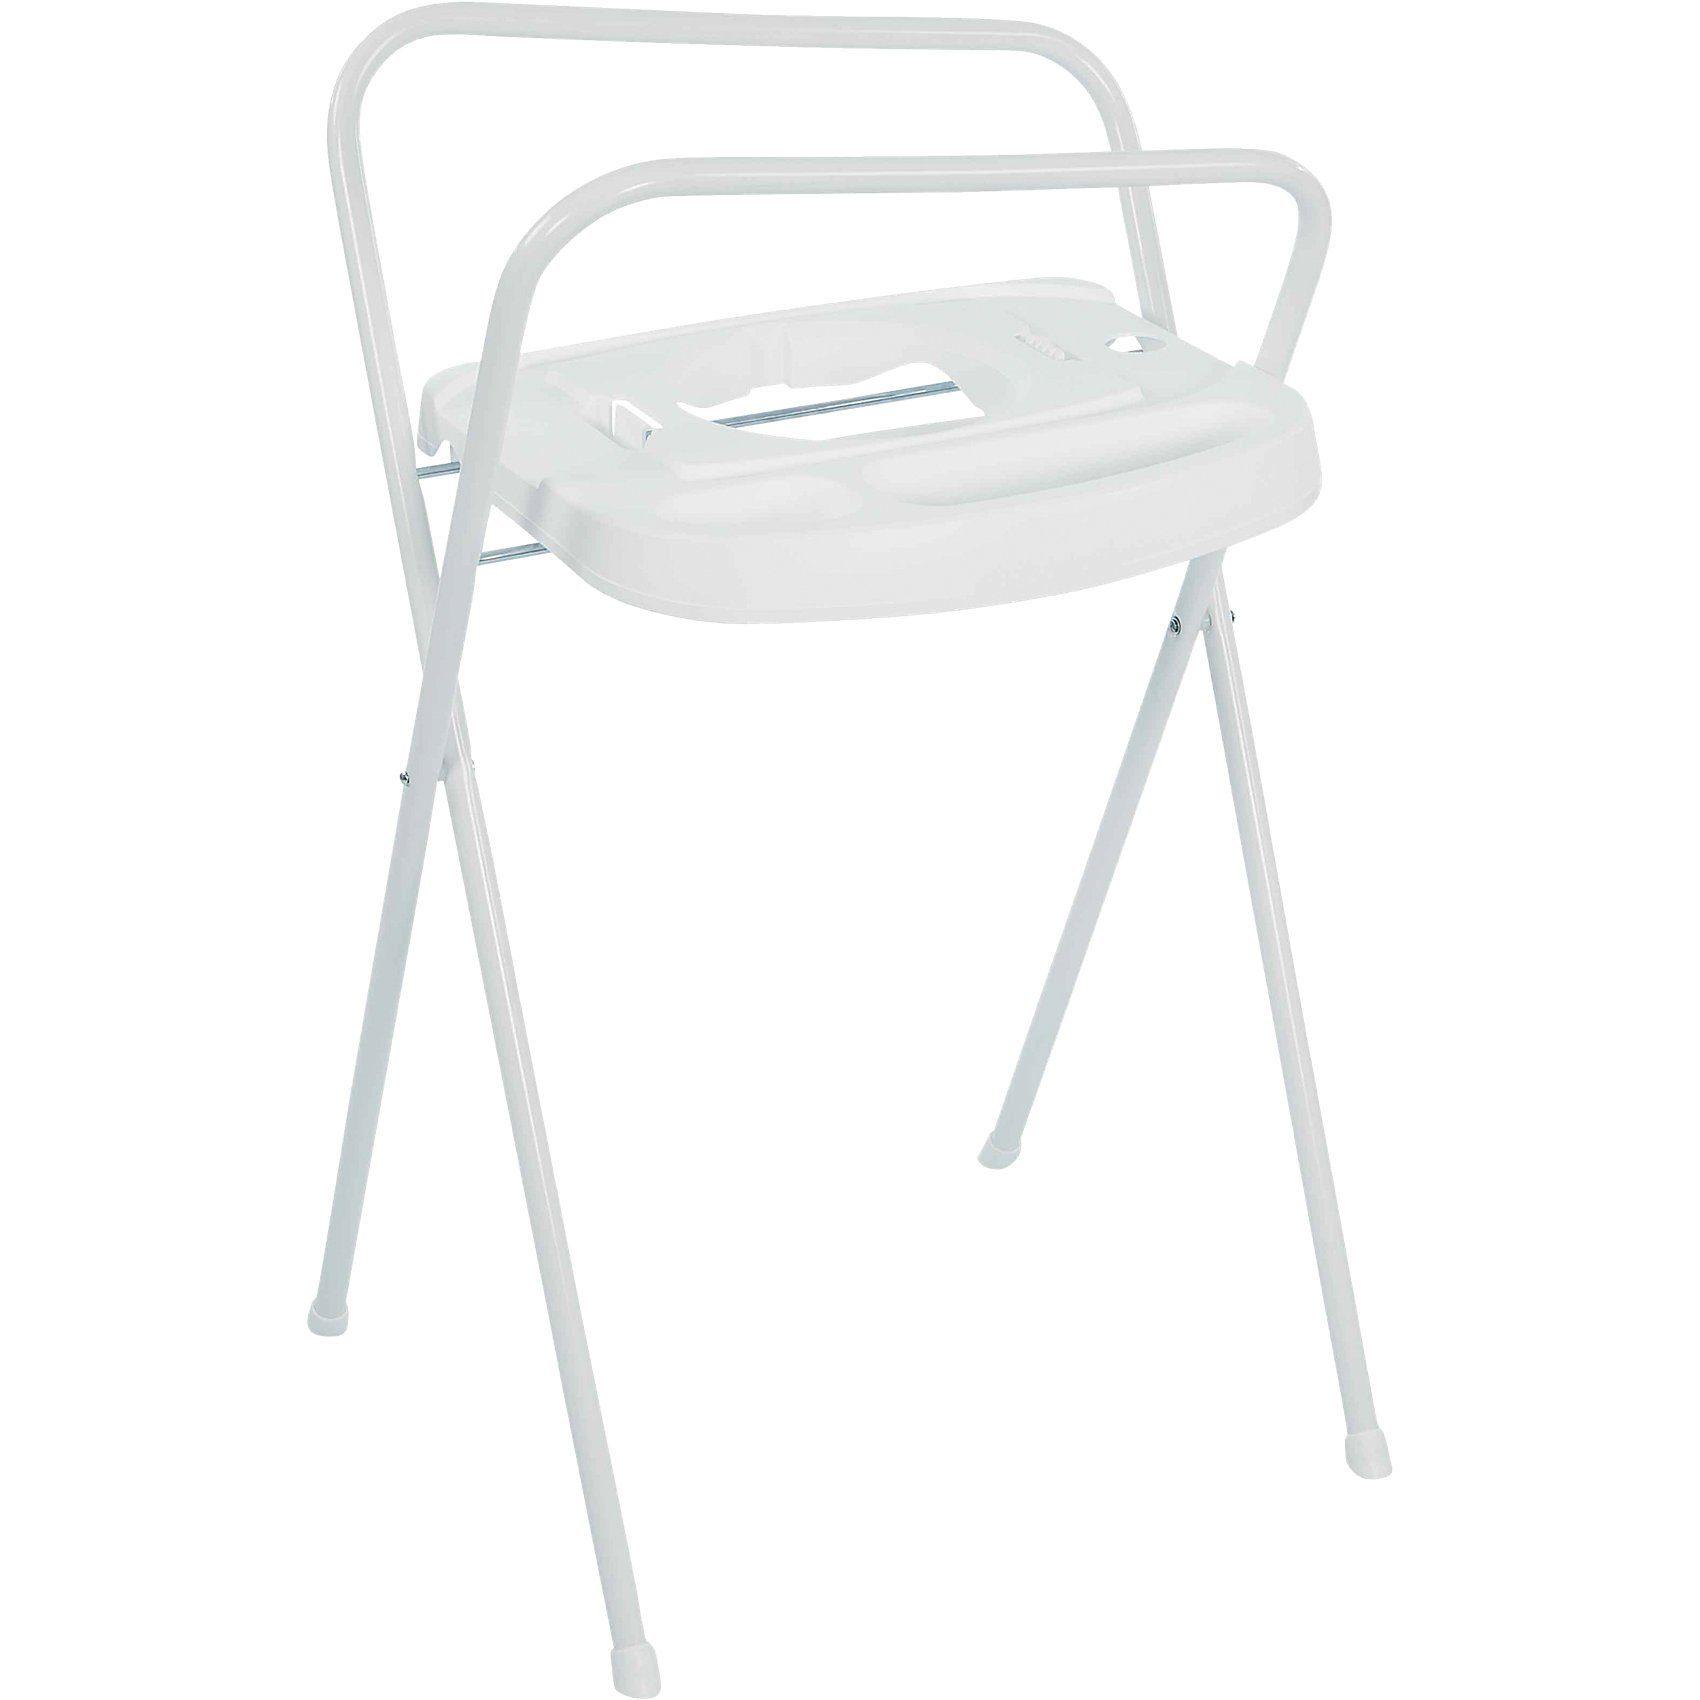 bébé-jou Badewannenständer, weiß, 103 cm